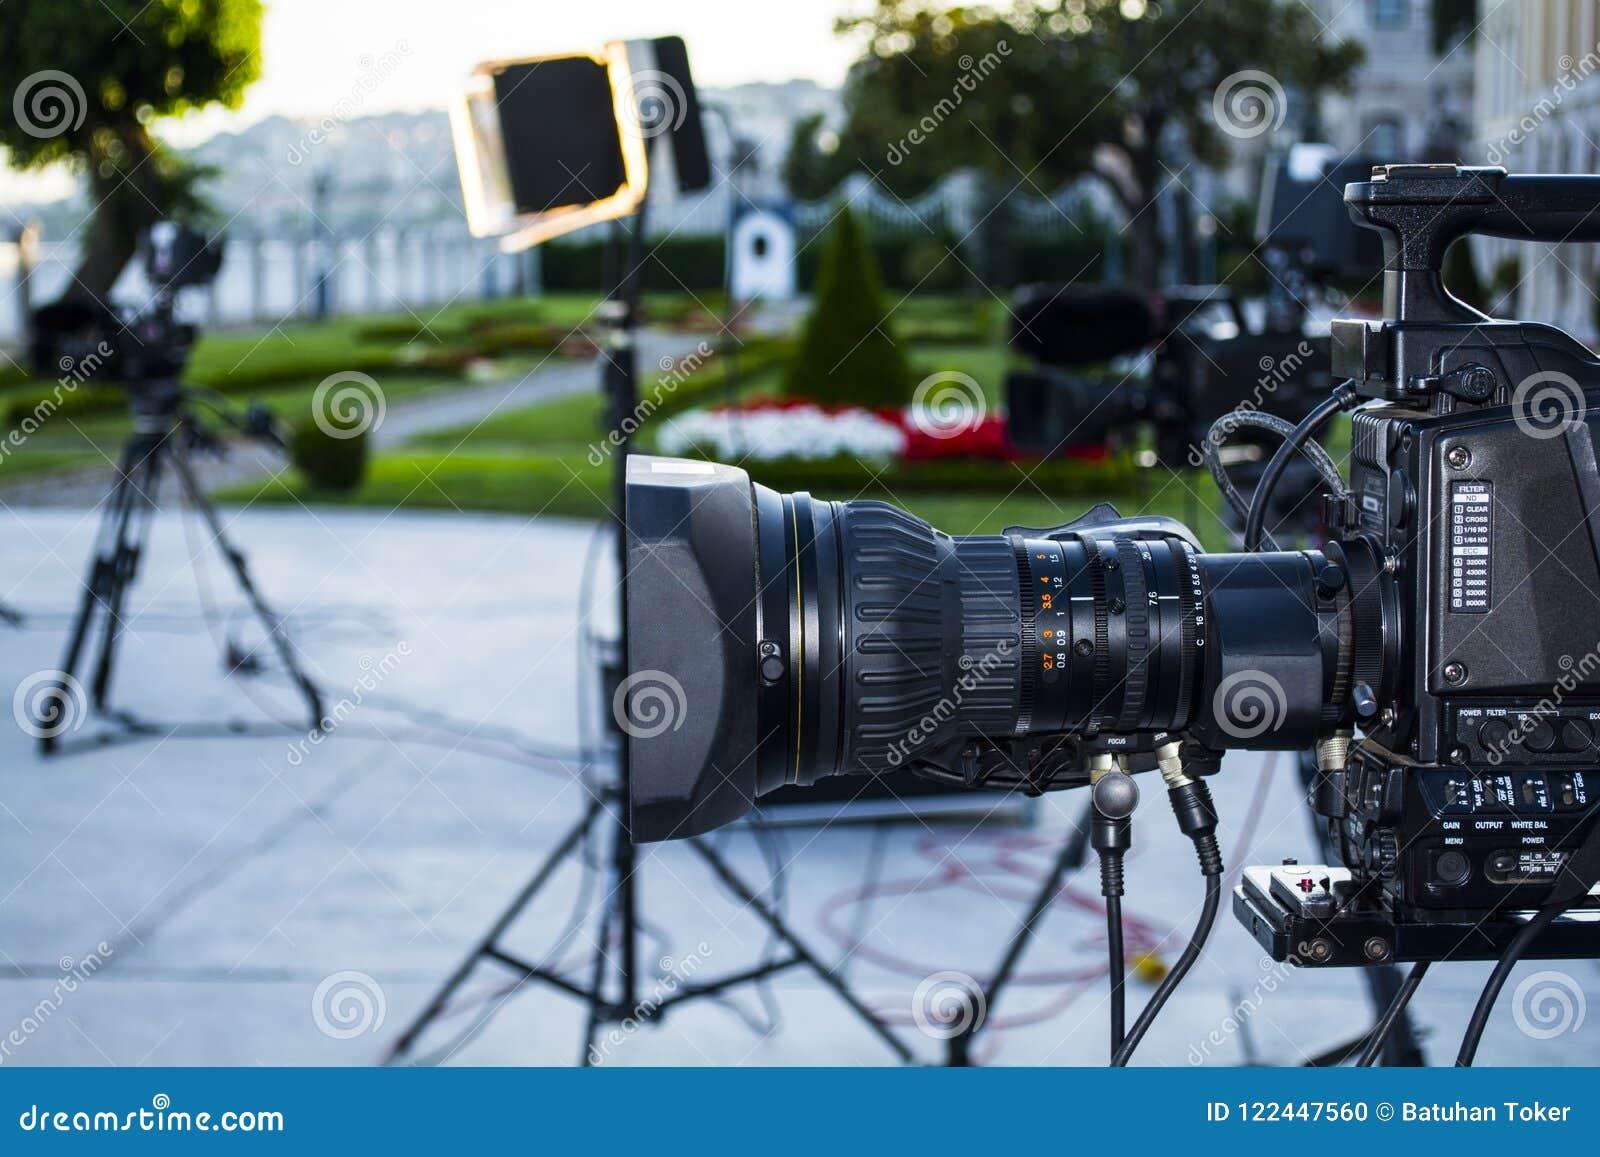 ТВ передачи; продукция камеры или видео стрельбы кино и фильм, команда экипажа ТВ с камерой